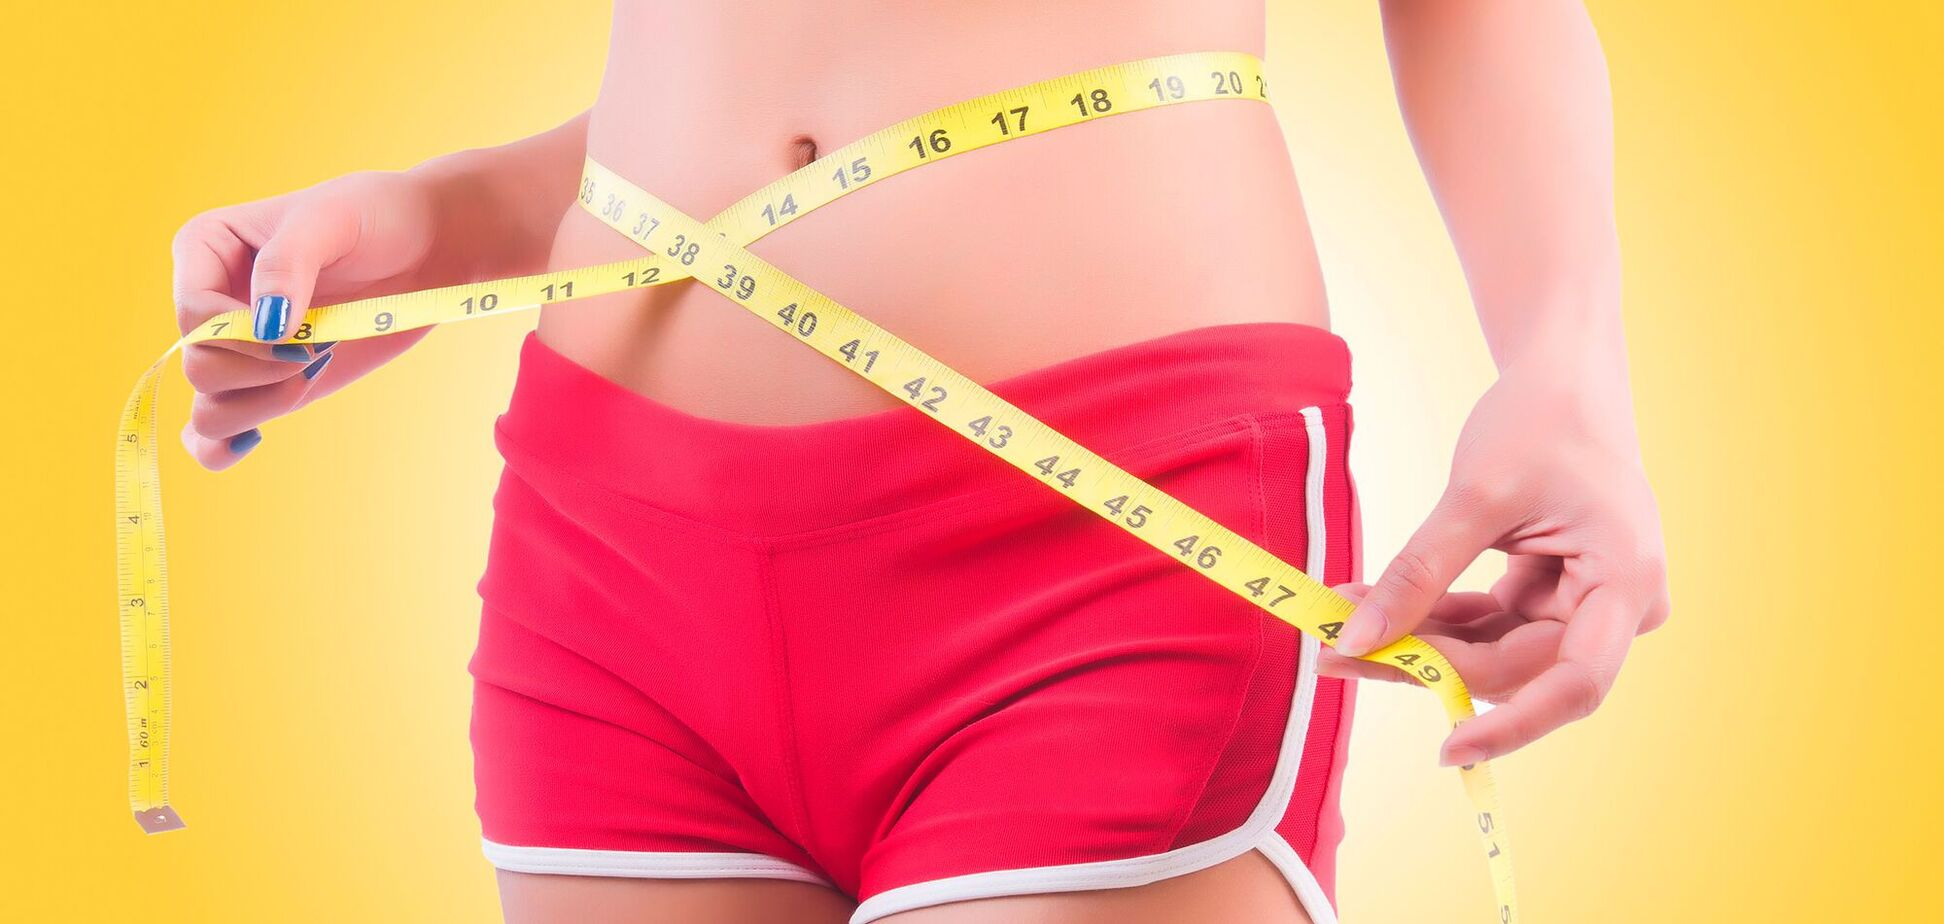 Як схуднути за 10 днів без дієт і спорту: відома модель дала пораду